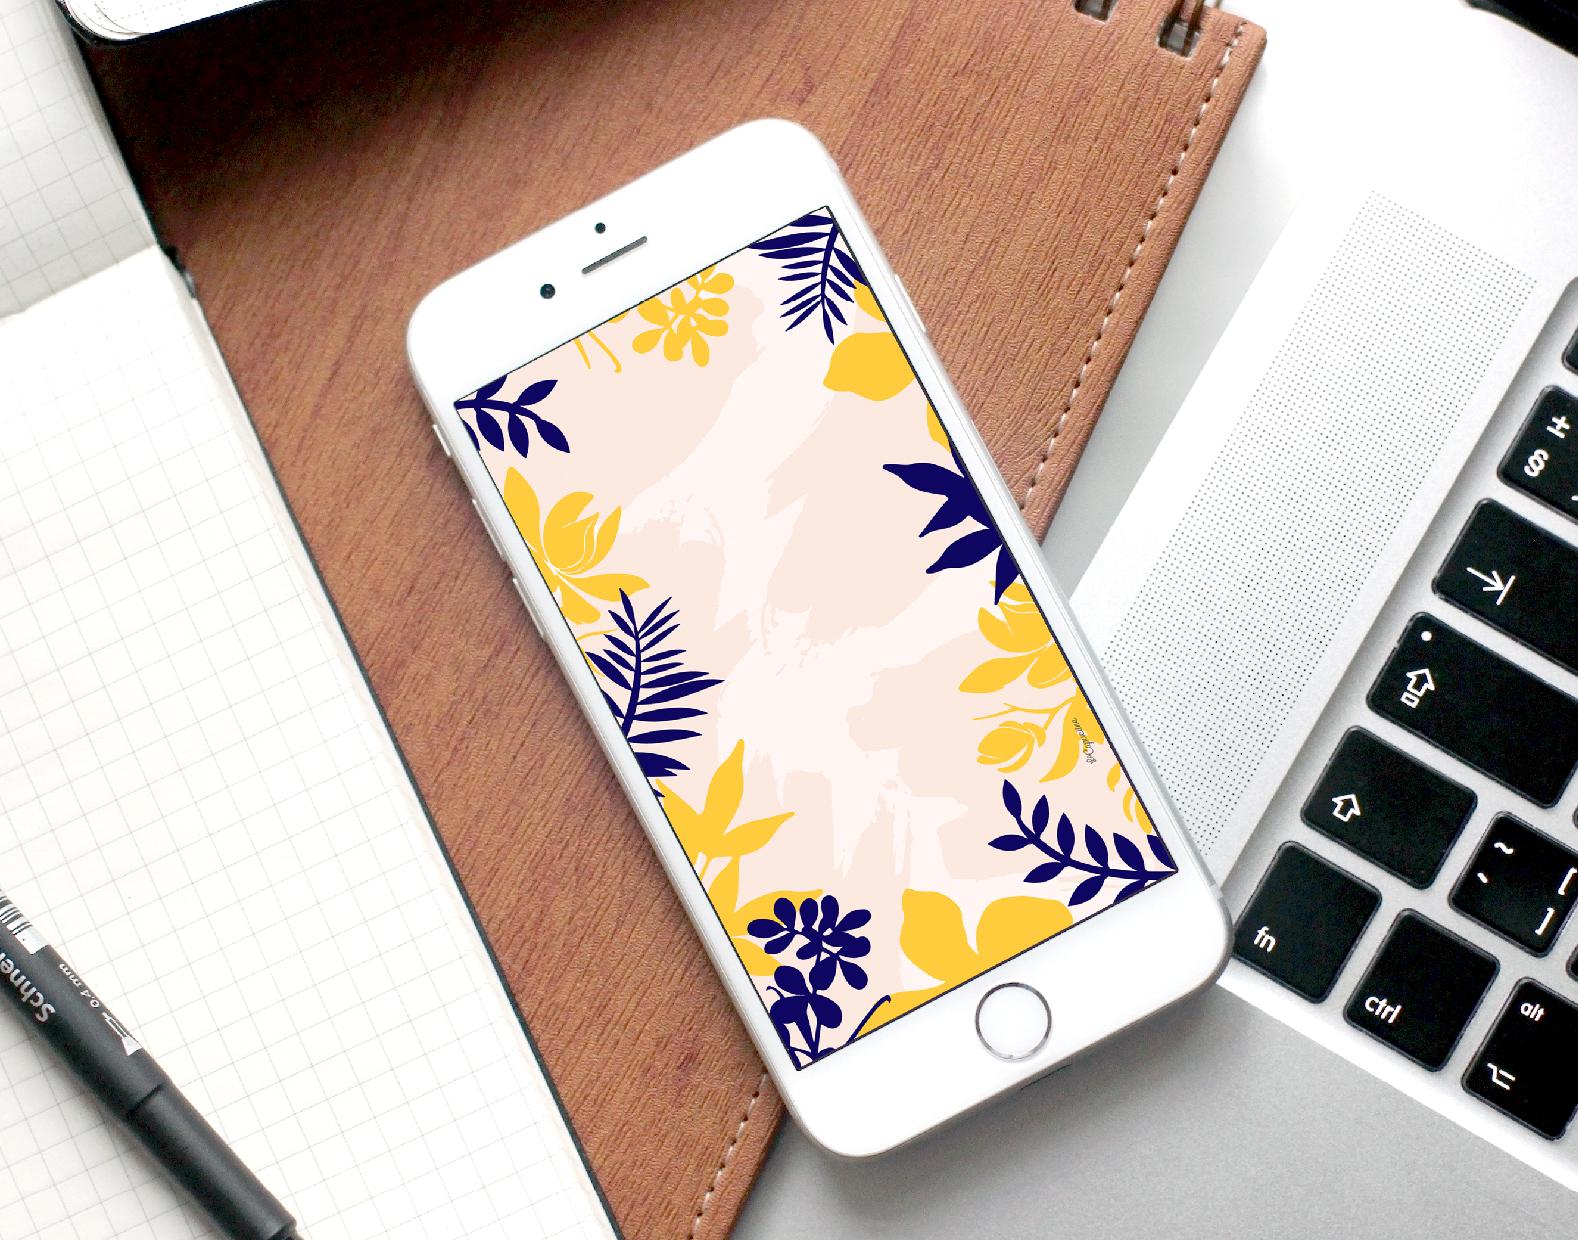 fond-decran-motifs-bleu-jaune-lacapuciine